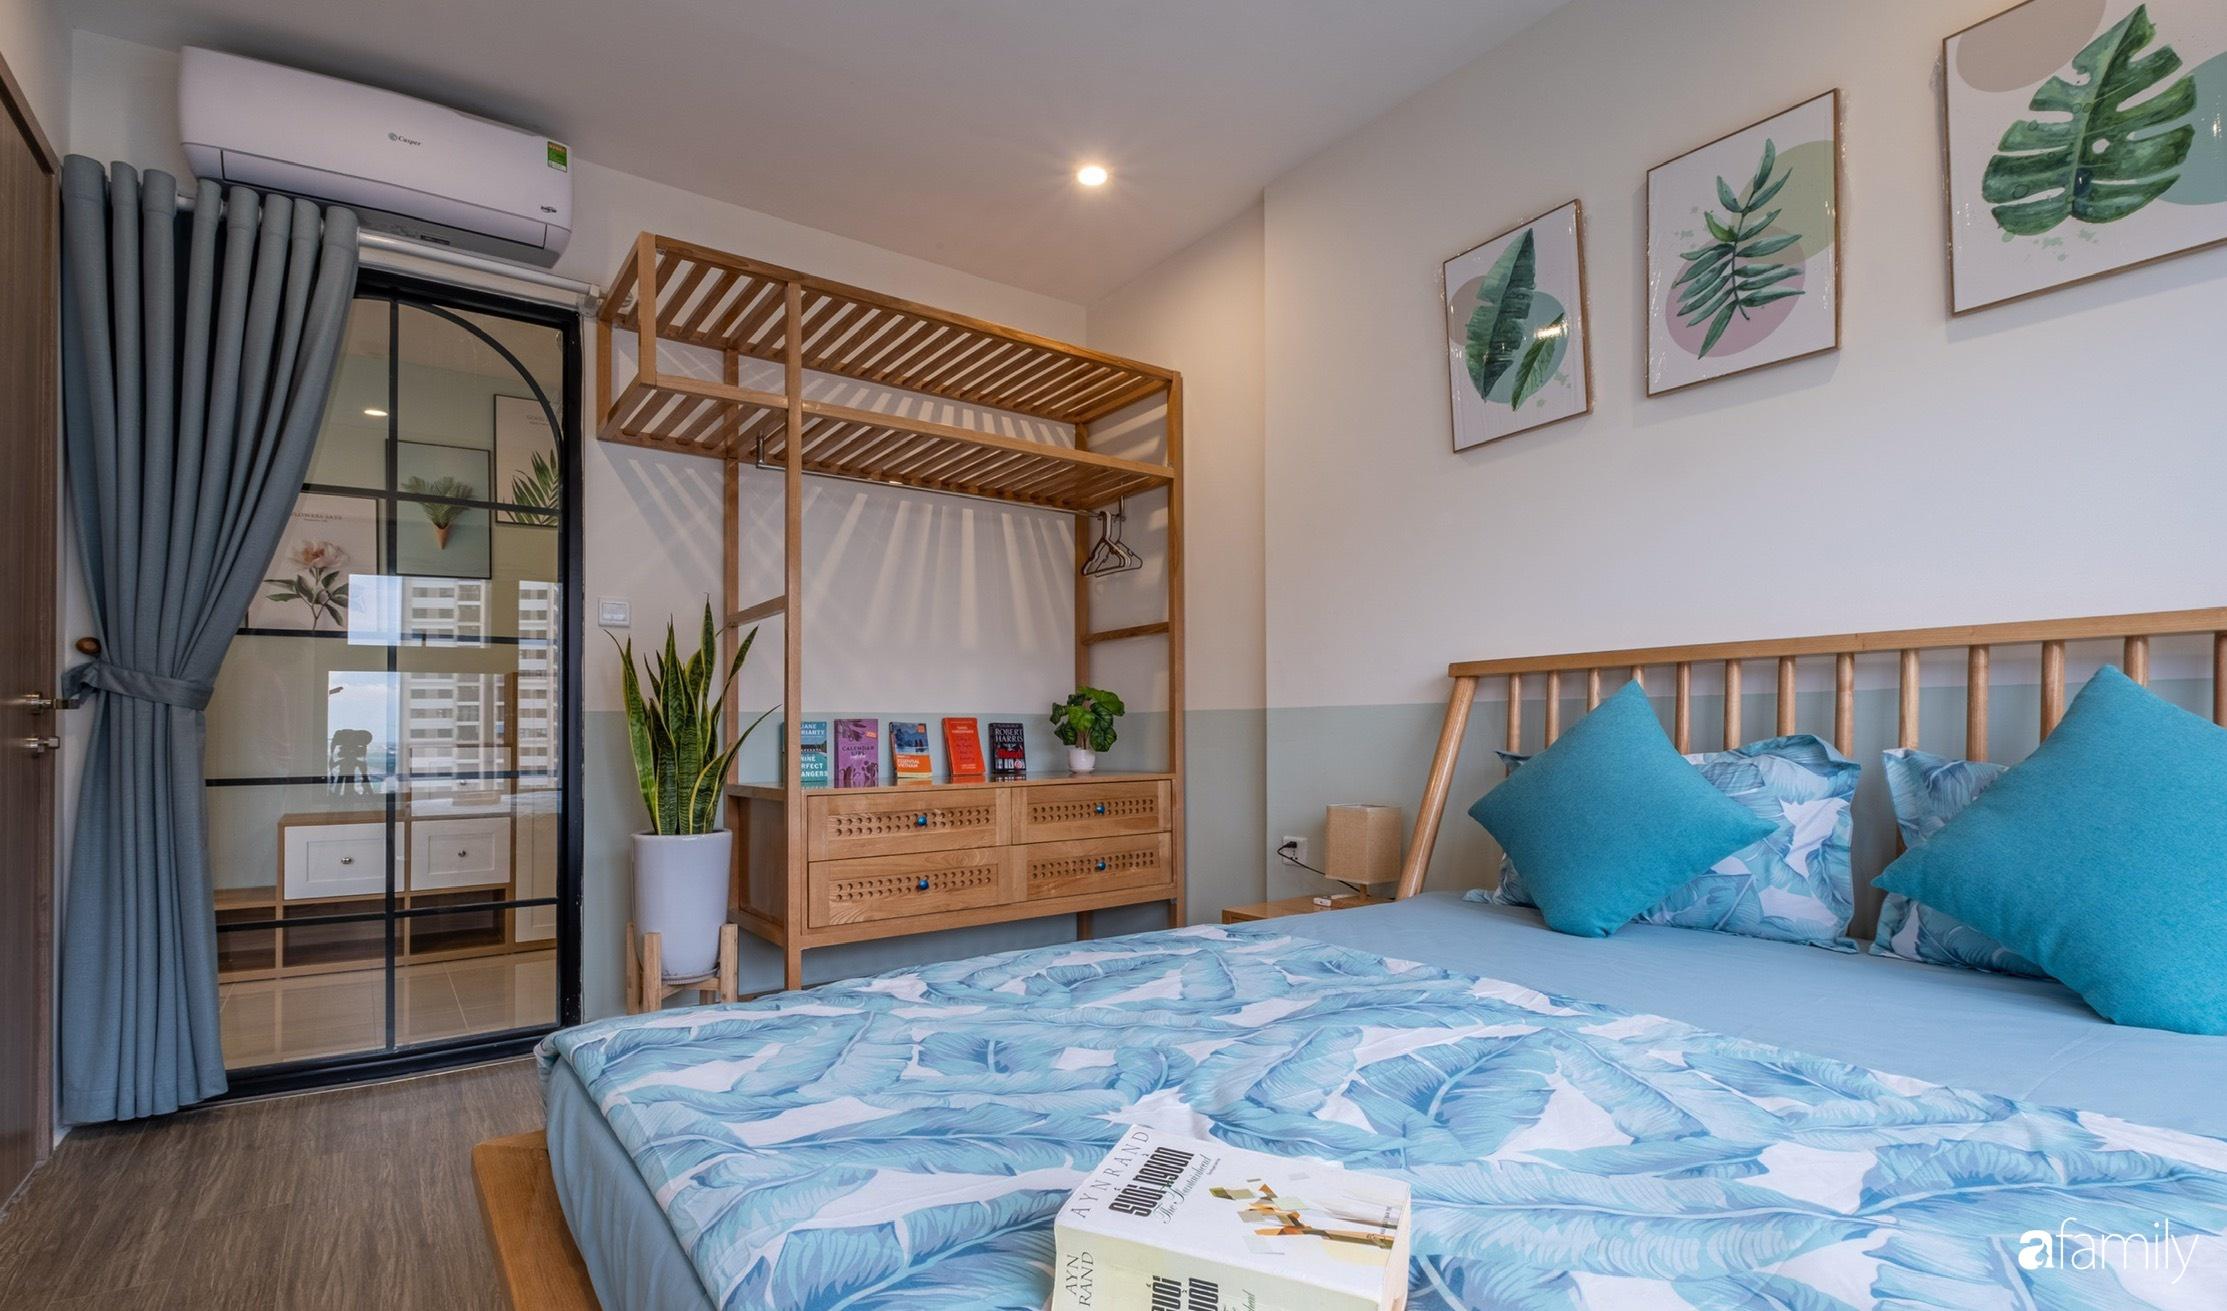 Căn hộ 40m² ở ngoại thành Hà Nội khiến ai ngắm nhìn cũng xuýt xoa vì đẹp có chi phí hoàn thiện 70 triệu đồng - Ảnh 16.